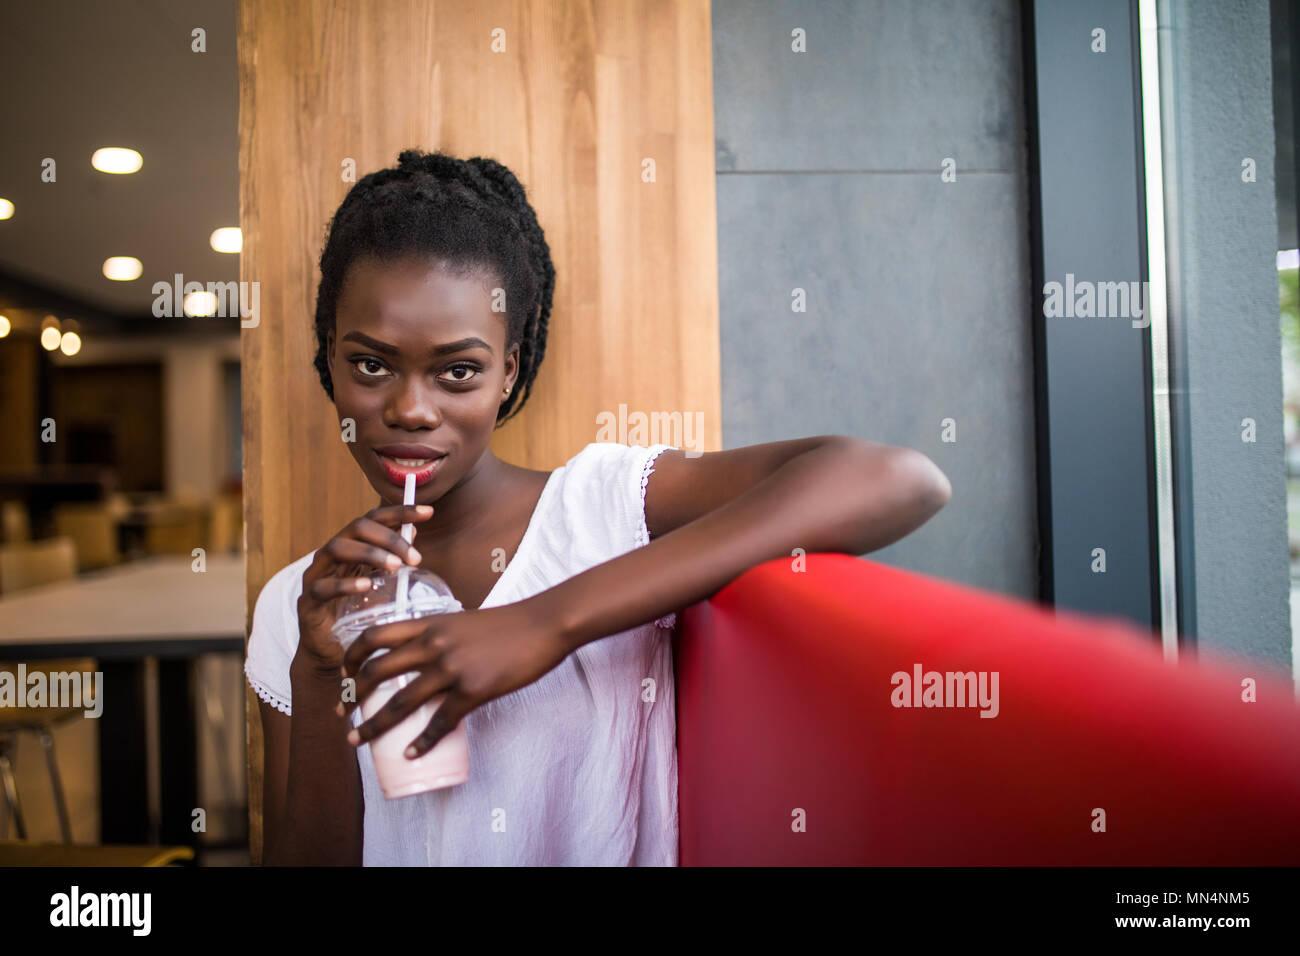 Photo de teint foncé positive des femmes afro-américaines ejoys bon repos à café, boissons alcoolisées. Les gens, les loisirs et l'alimentation concept Banque D'Images